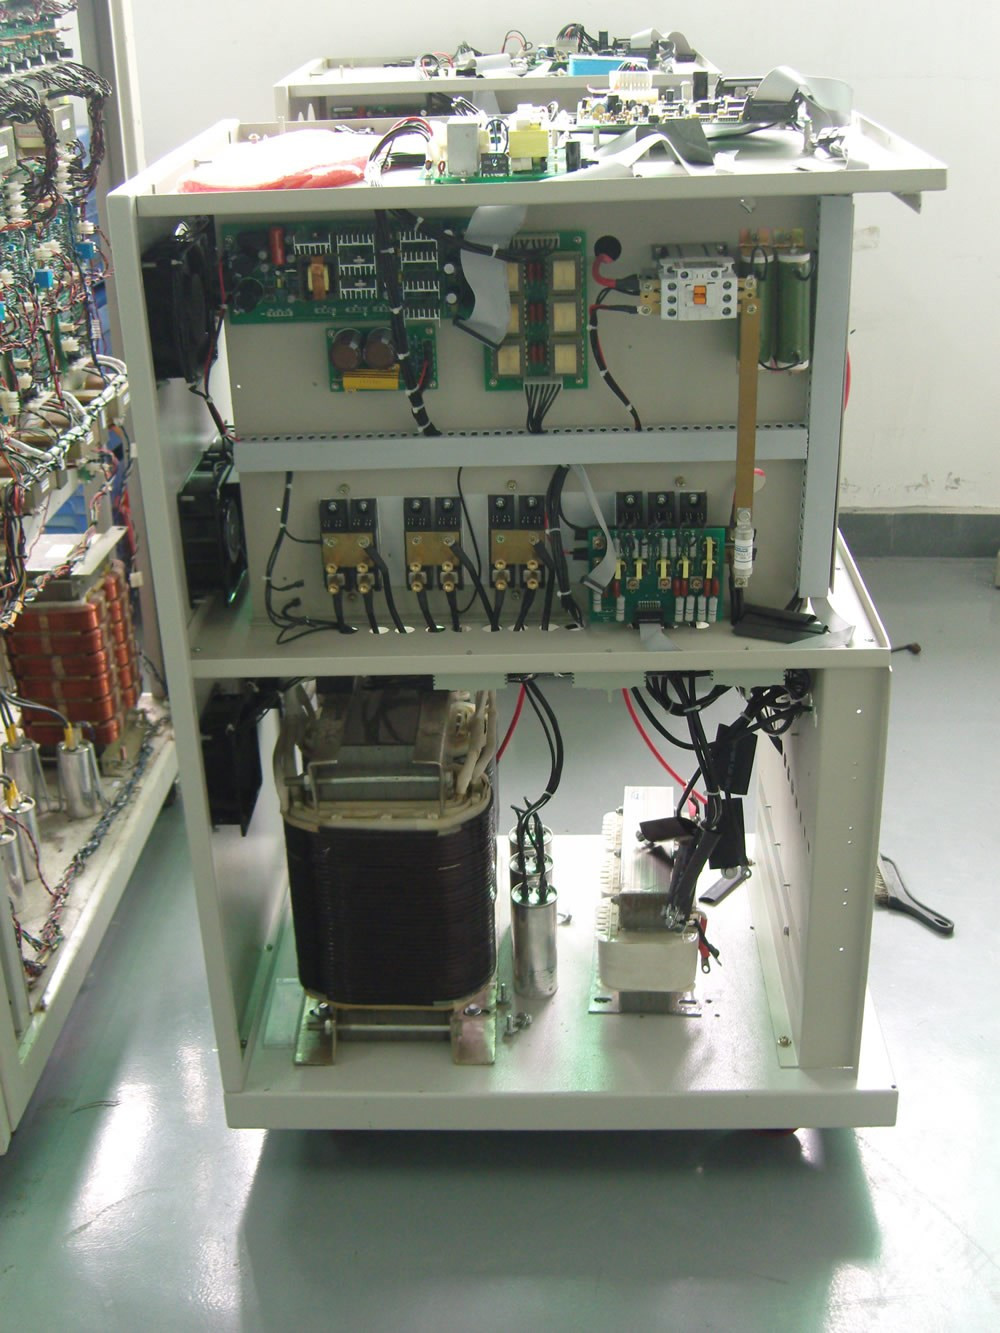 Bosin 照明用 ups不间断电源15KW蓄电池